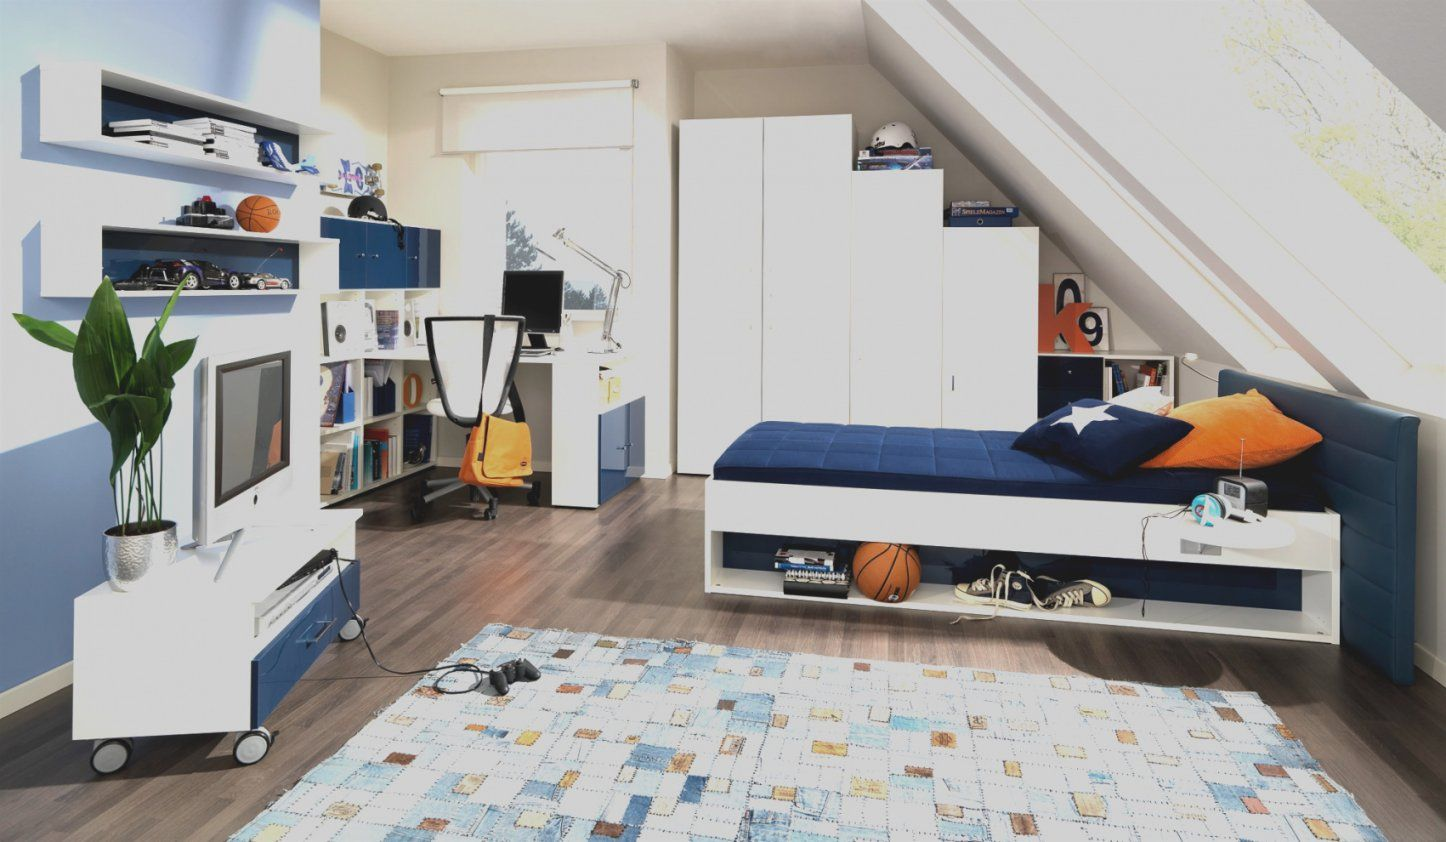 ... Jugendzimmer Für Jungs Erstaunlich On Andere Wunderbar Kreativ Fur Von  Coole Jugendzimmer Für Jungs Photo